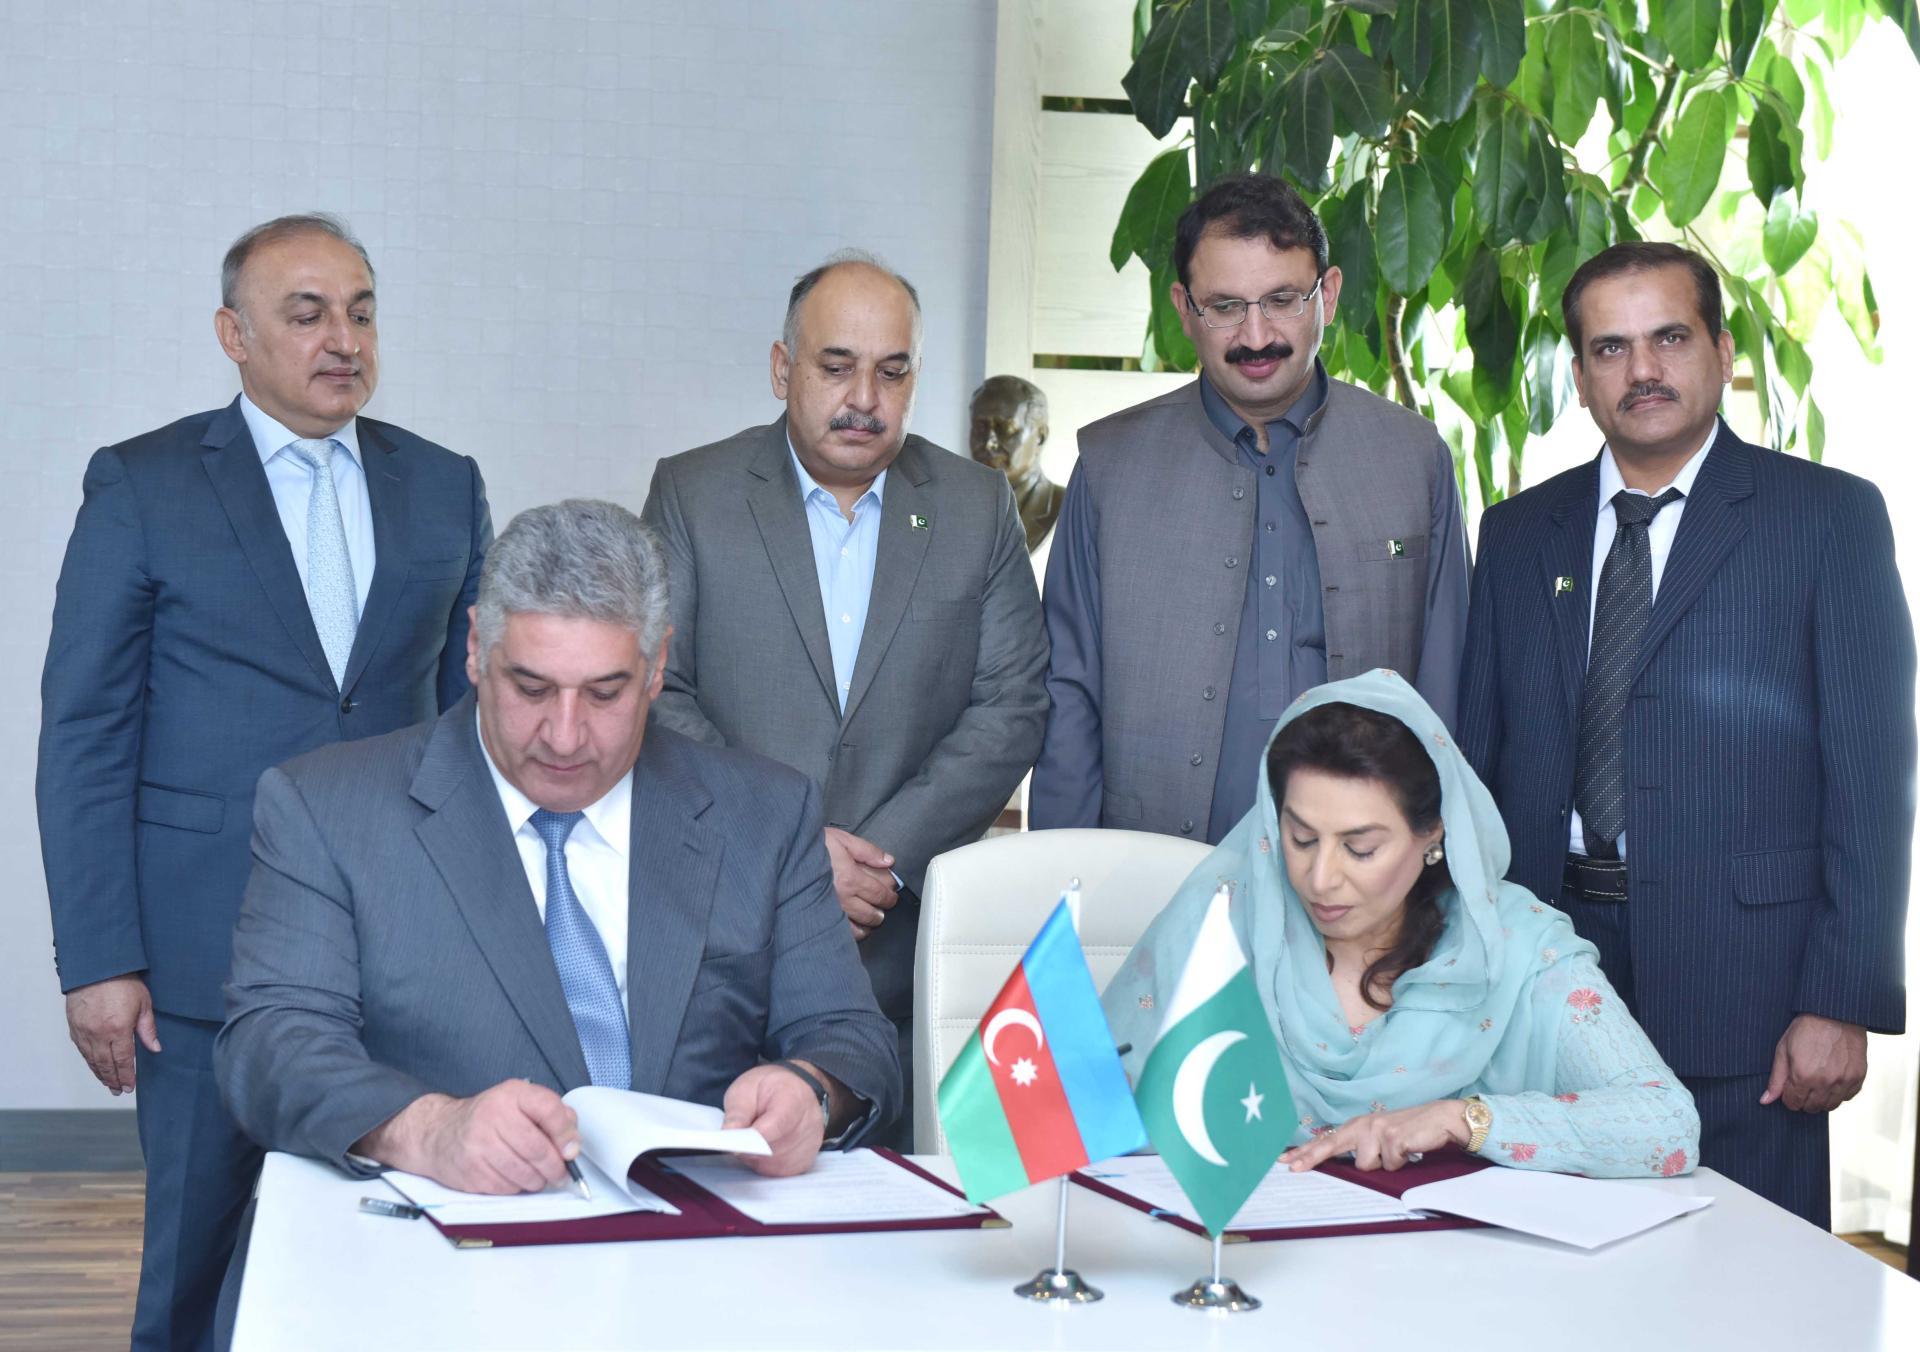 Azərbaycan və Pakistan arasında idman sahəsində Anlaşma Memorandumu imzalanıb (FOTO)